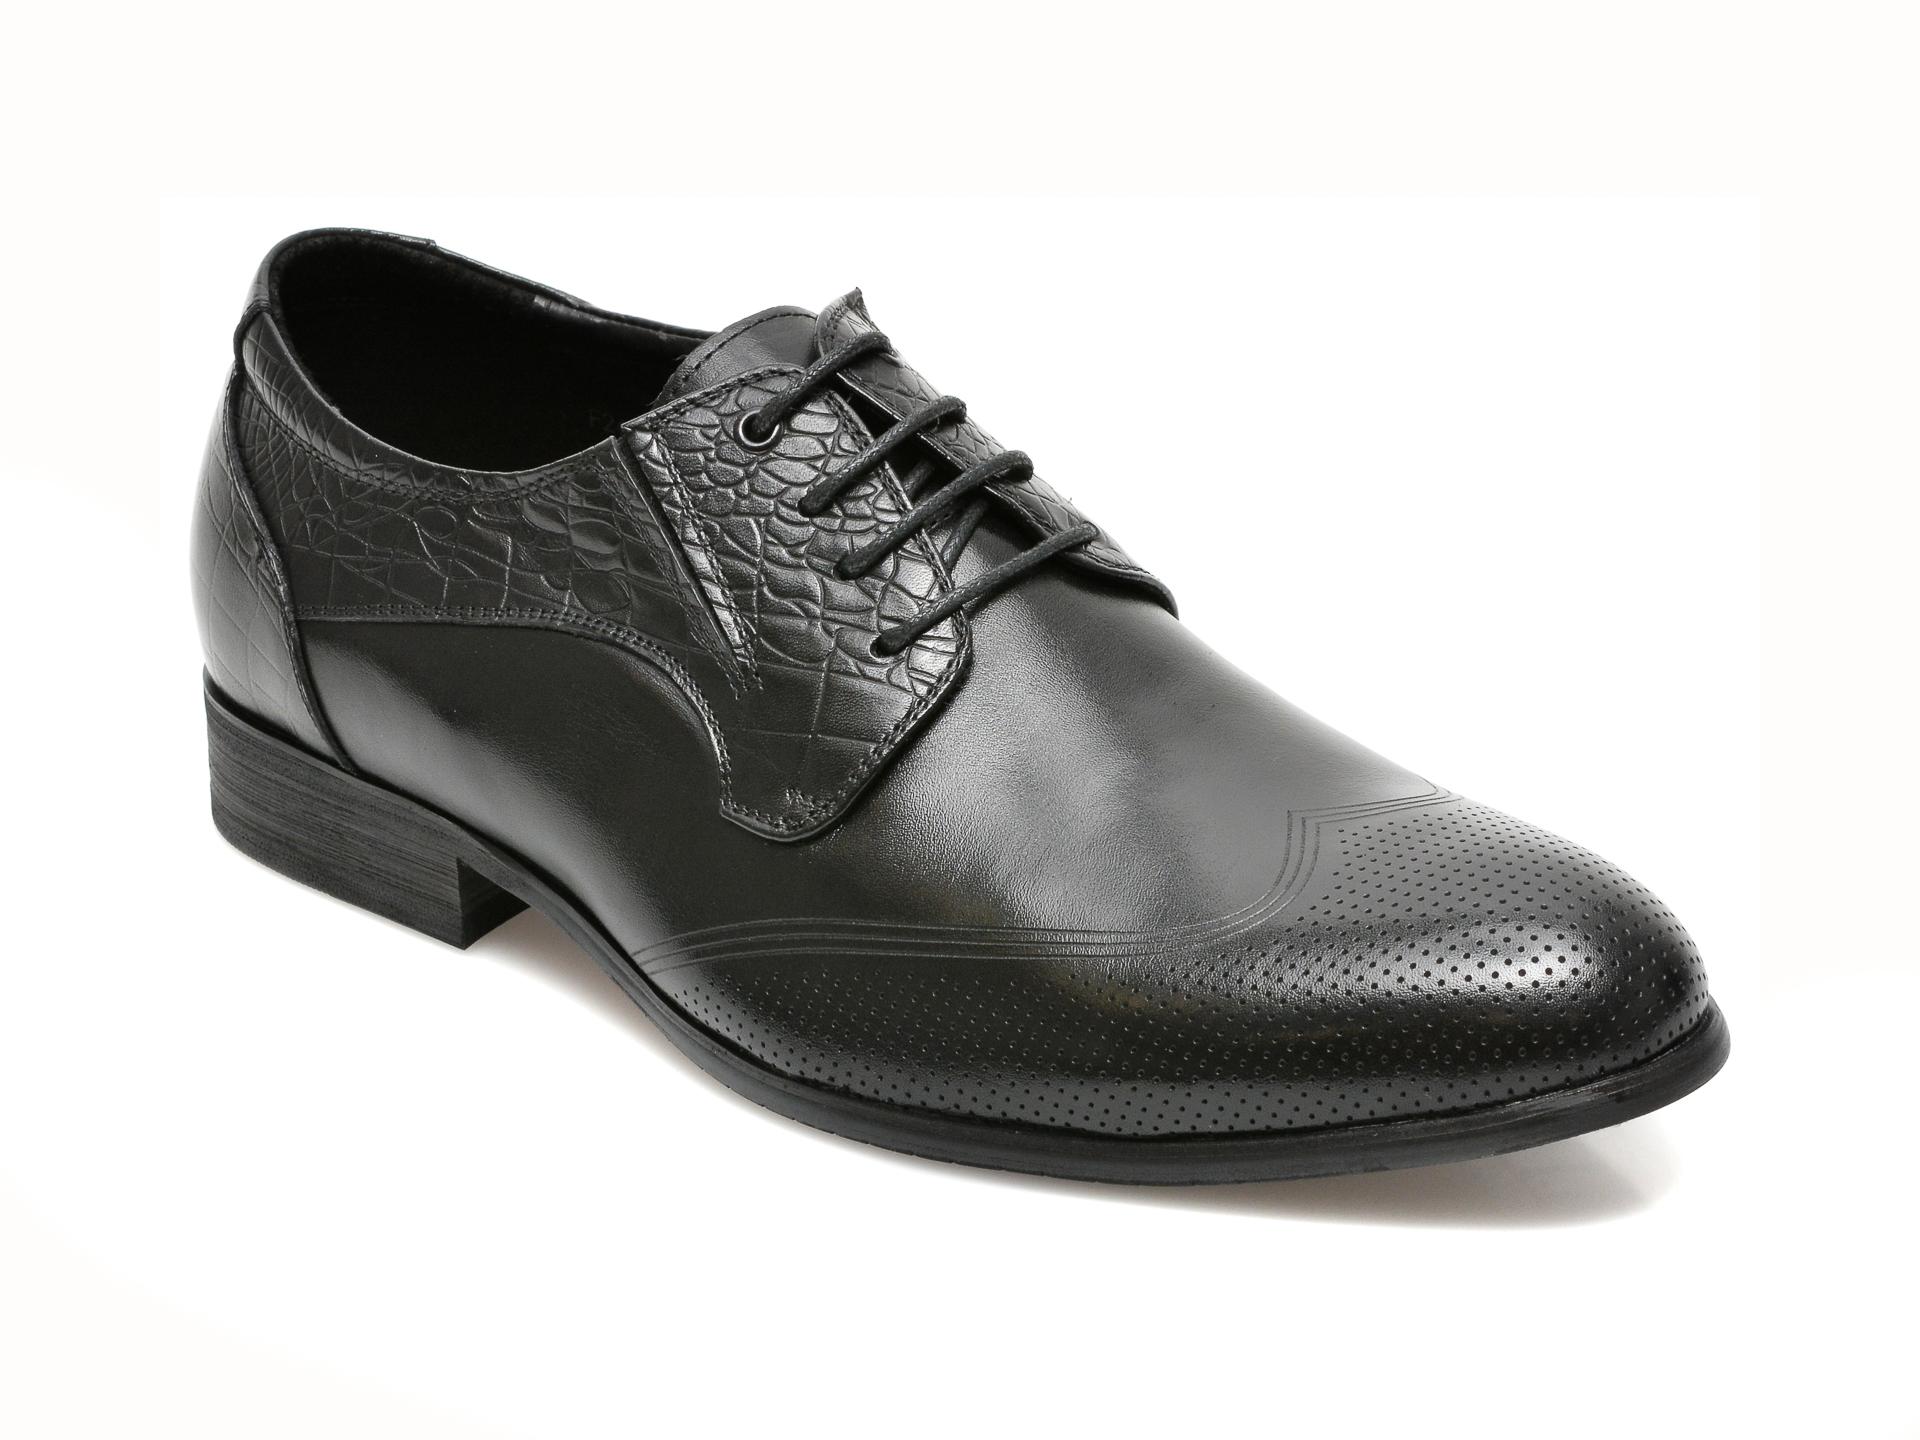 Pantofi CARIBU negri, F244070, din piele naturala